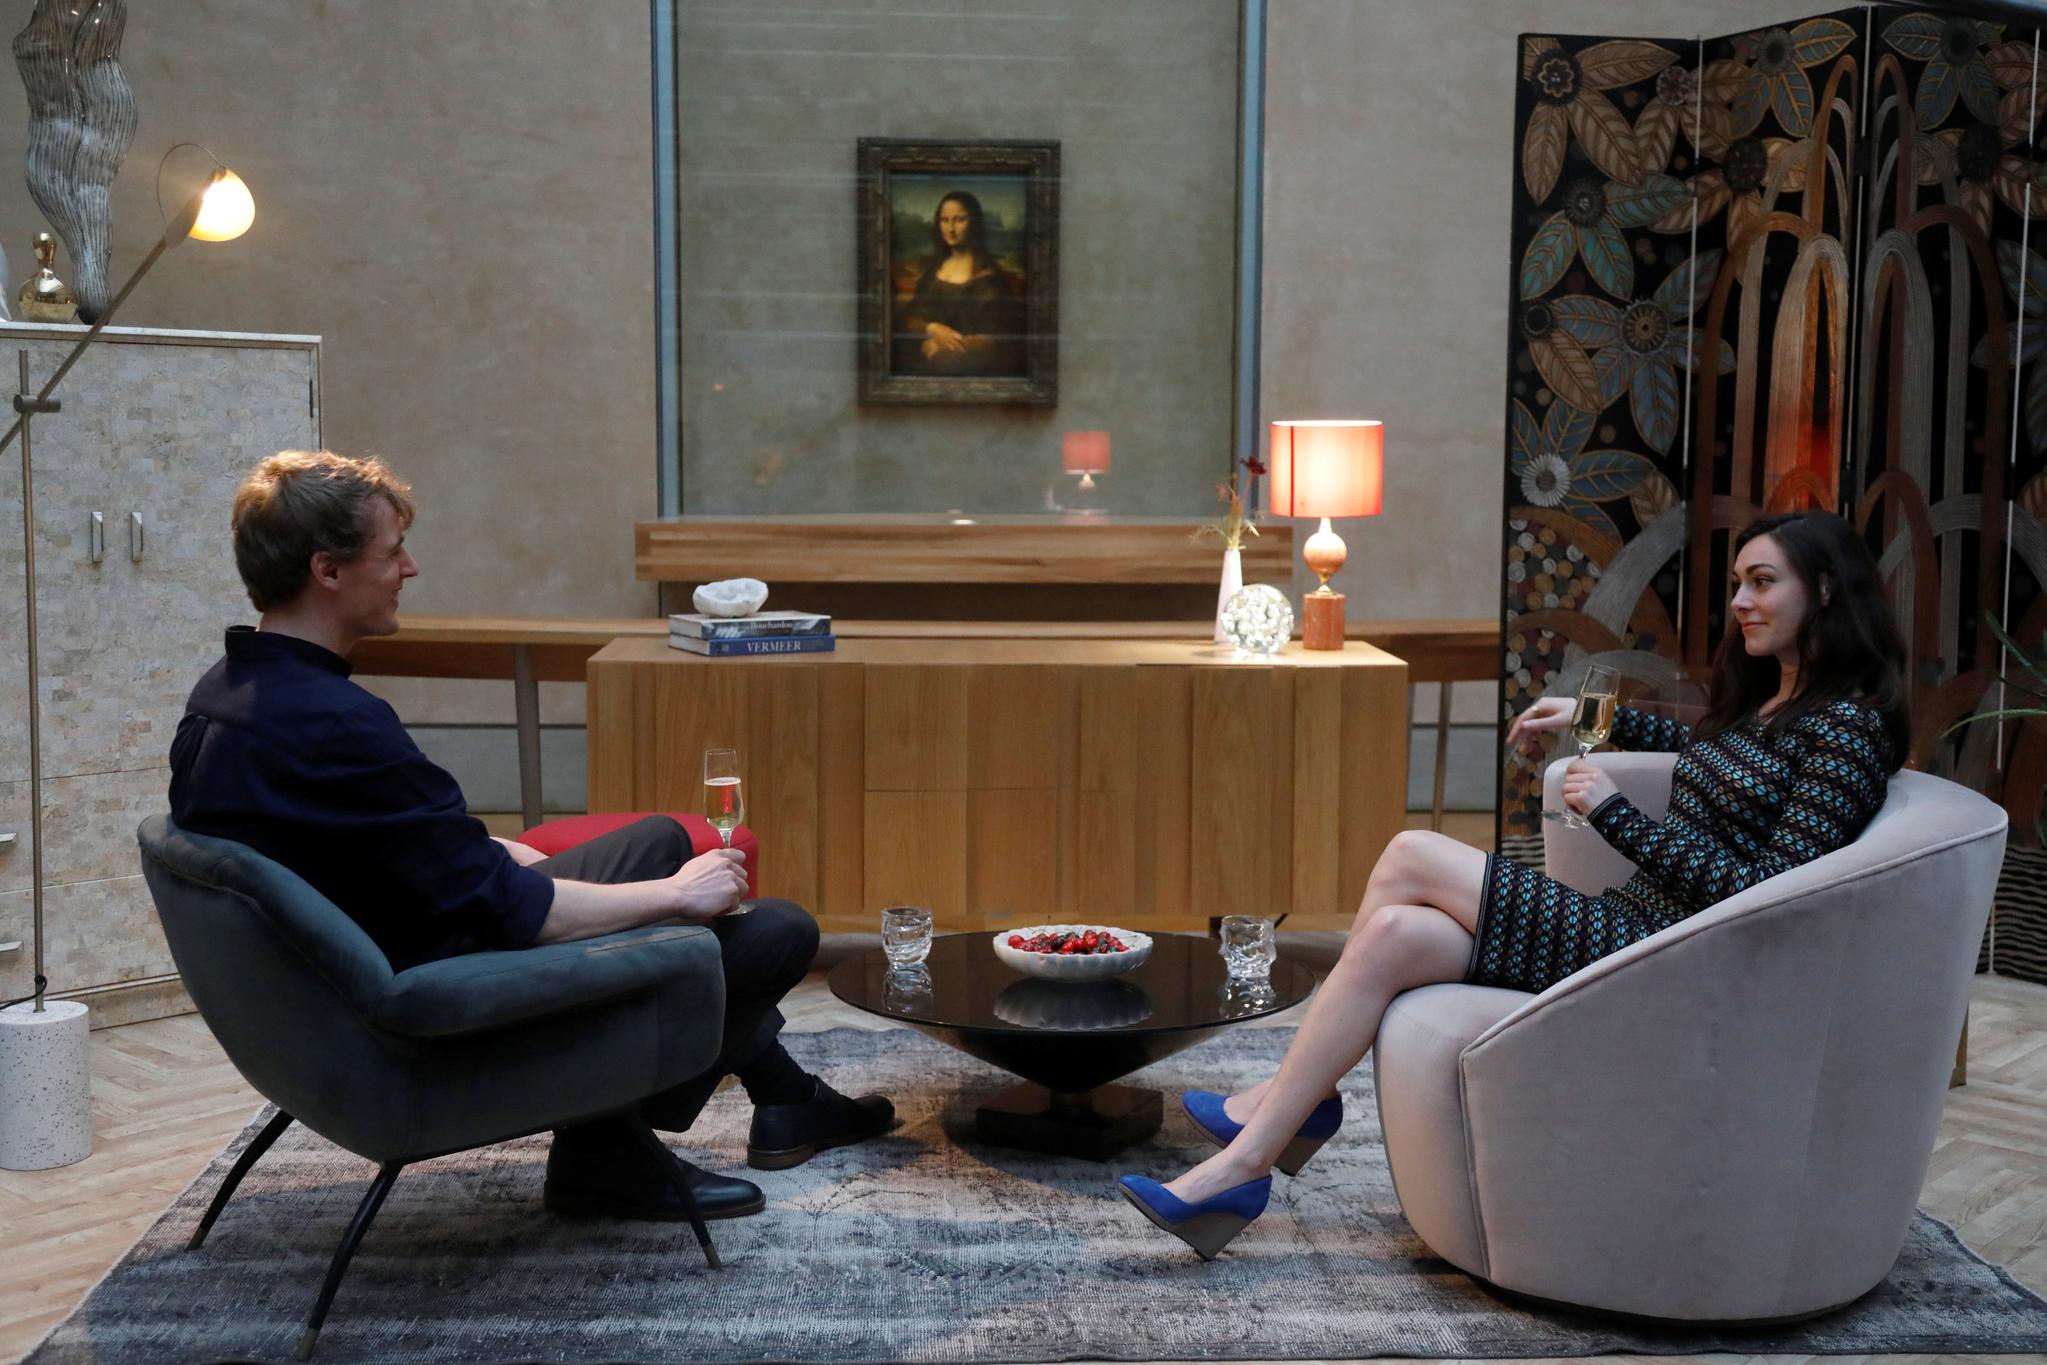 에어비앤비 이벤트에 당첨된 다니엘라와 아담이 지난달 30일(현지시간) 프랑스 파리 루브르 박물관 '모나리자' 앞에서 식전주를 마시고 있다. [로이터=연합뉴스]